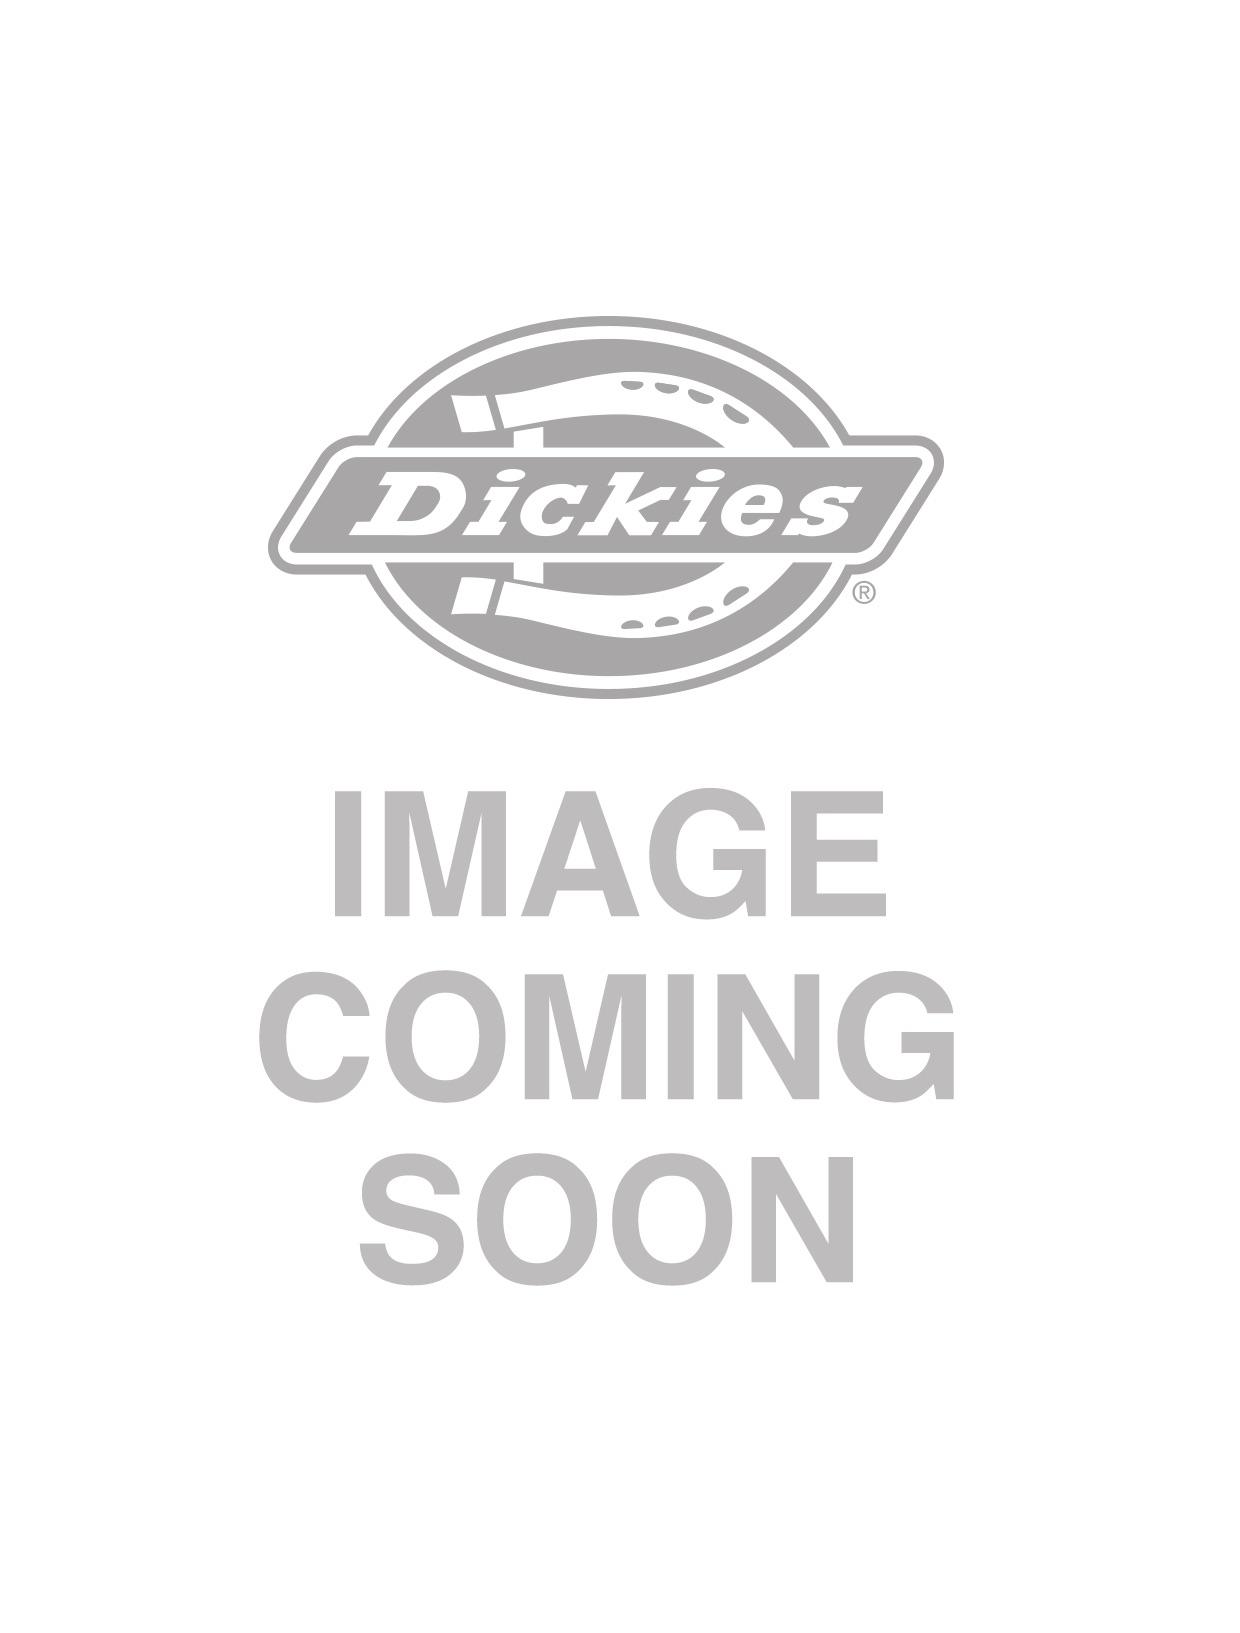 Dickies Penwell Bumbag